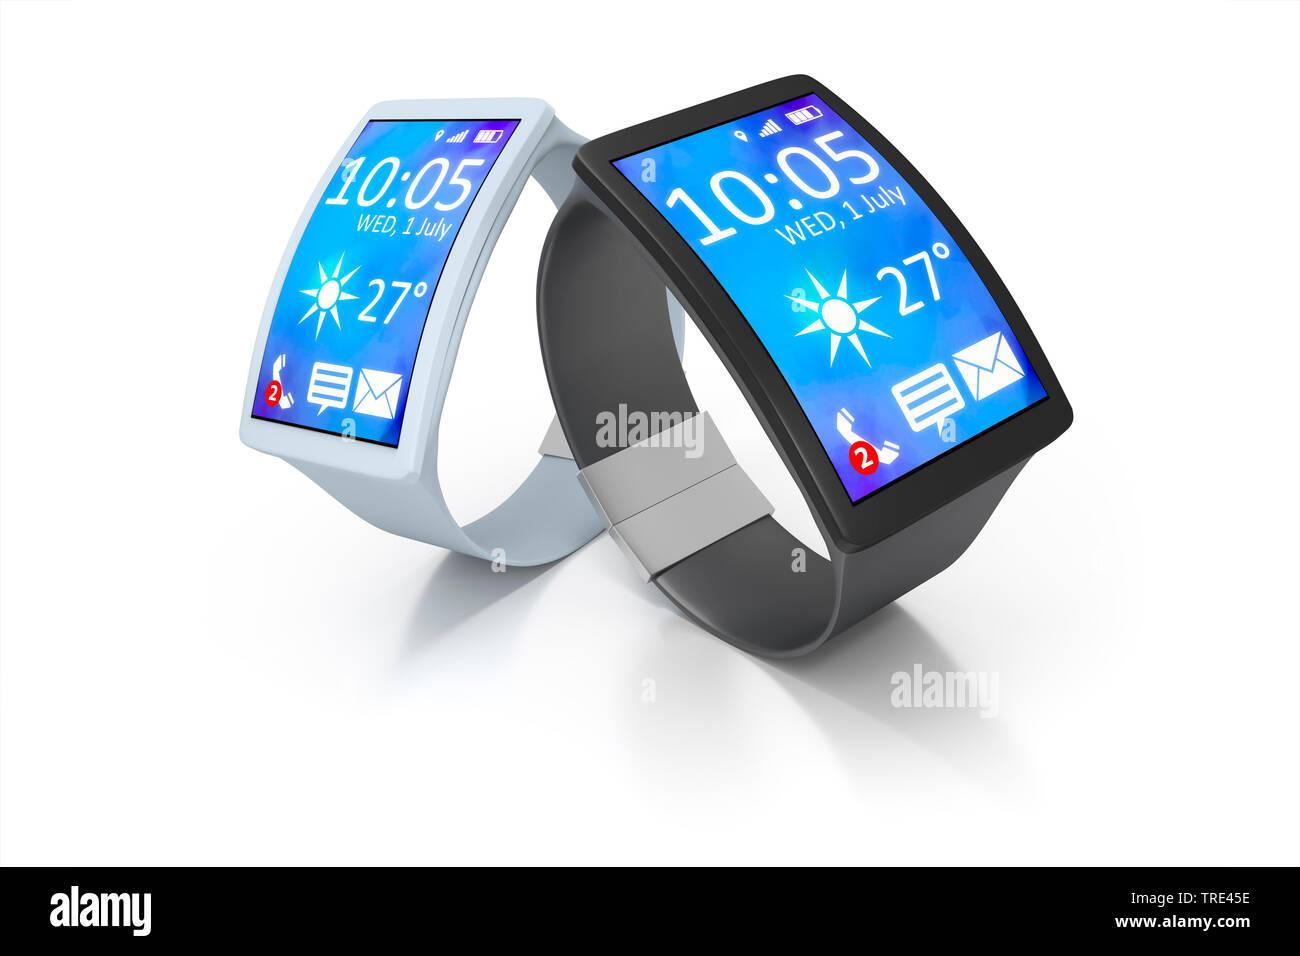 Zwei Smartwatches mit aktivem Bildschirm vor weissem Hintergrund | Two Smartwatches with activated screen against white background | BLWS516798.jpg [ - Stock Image